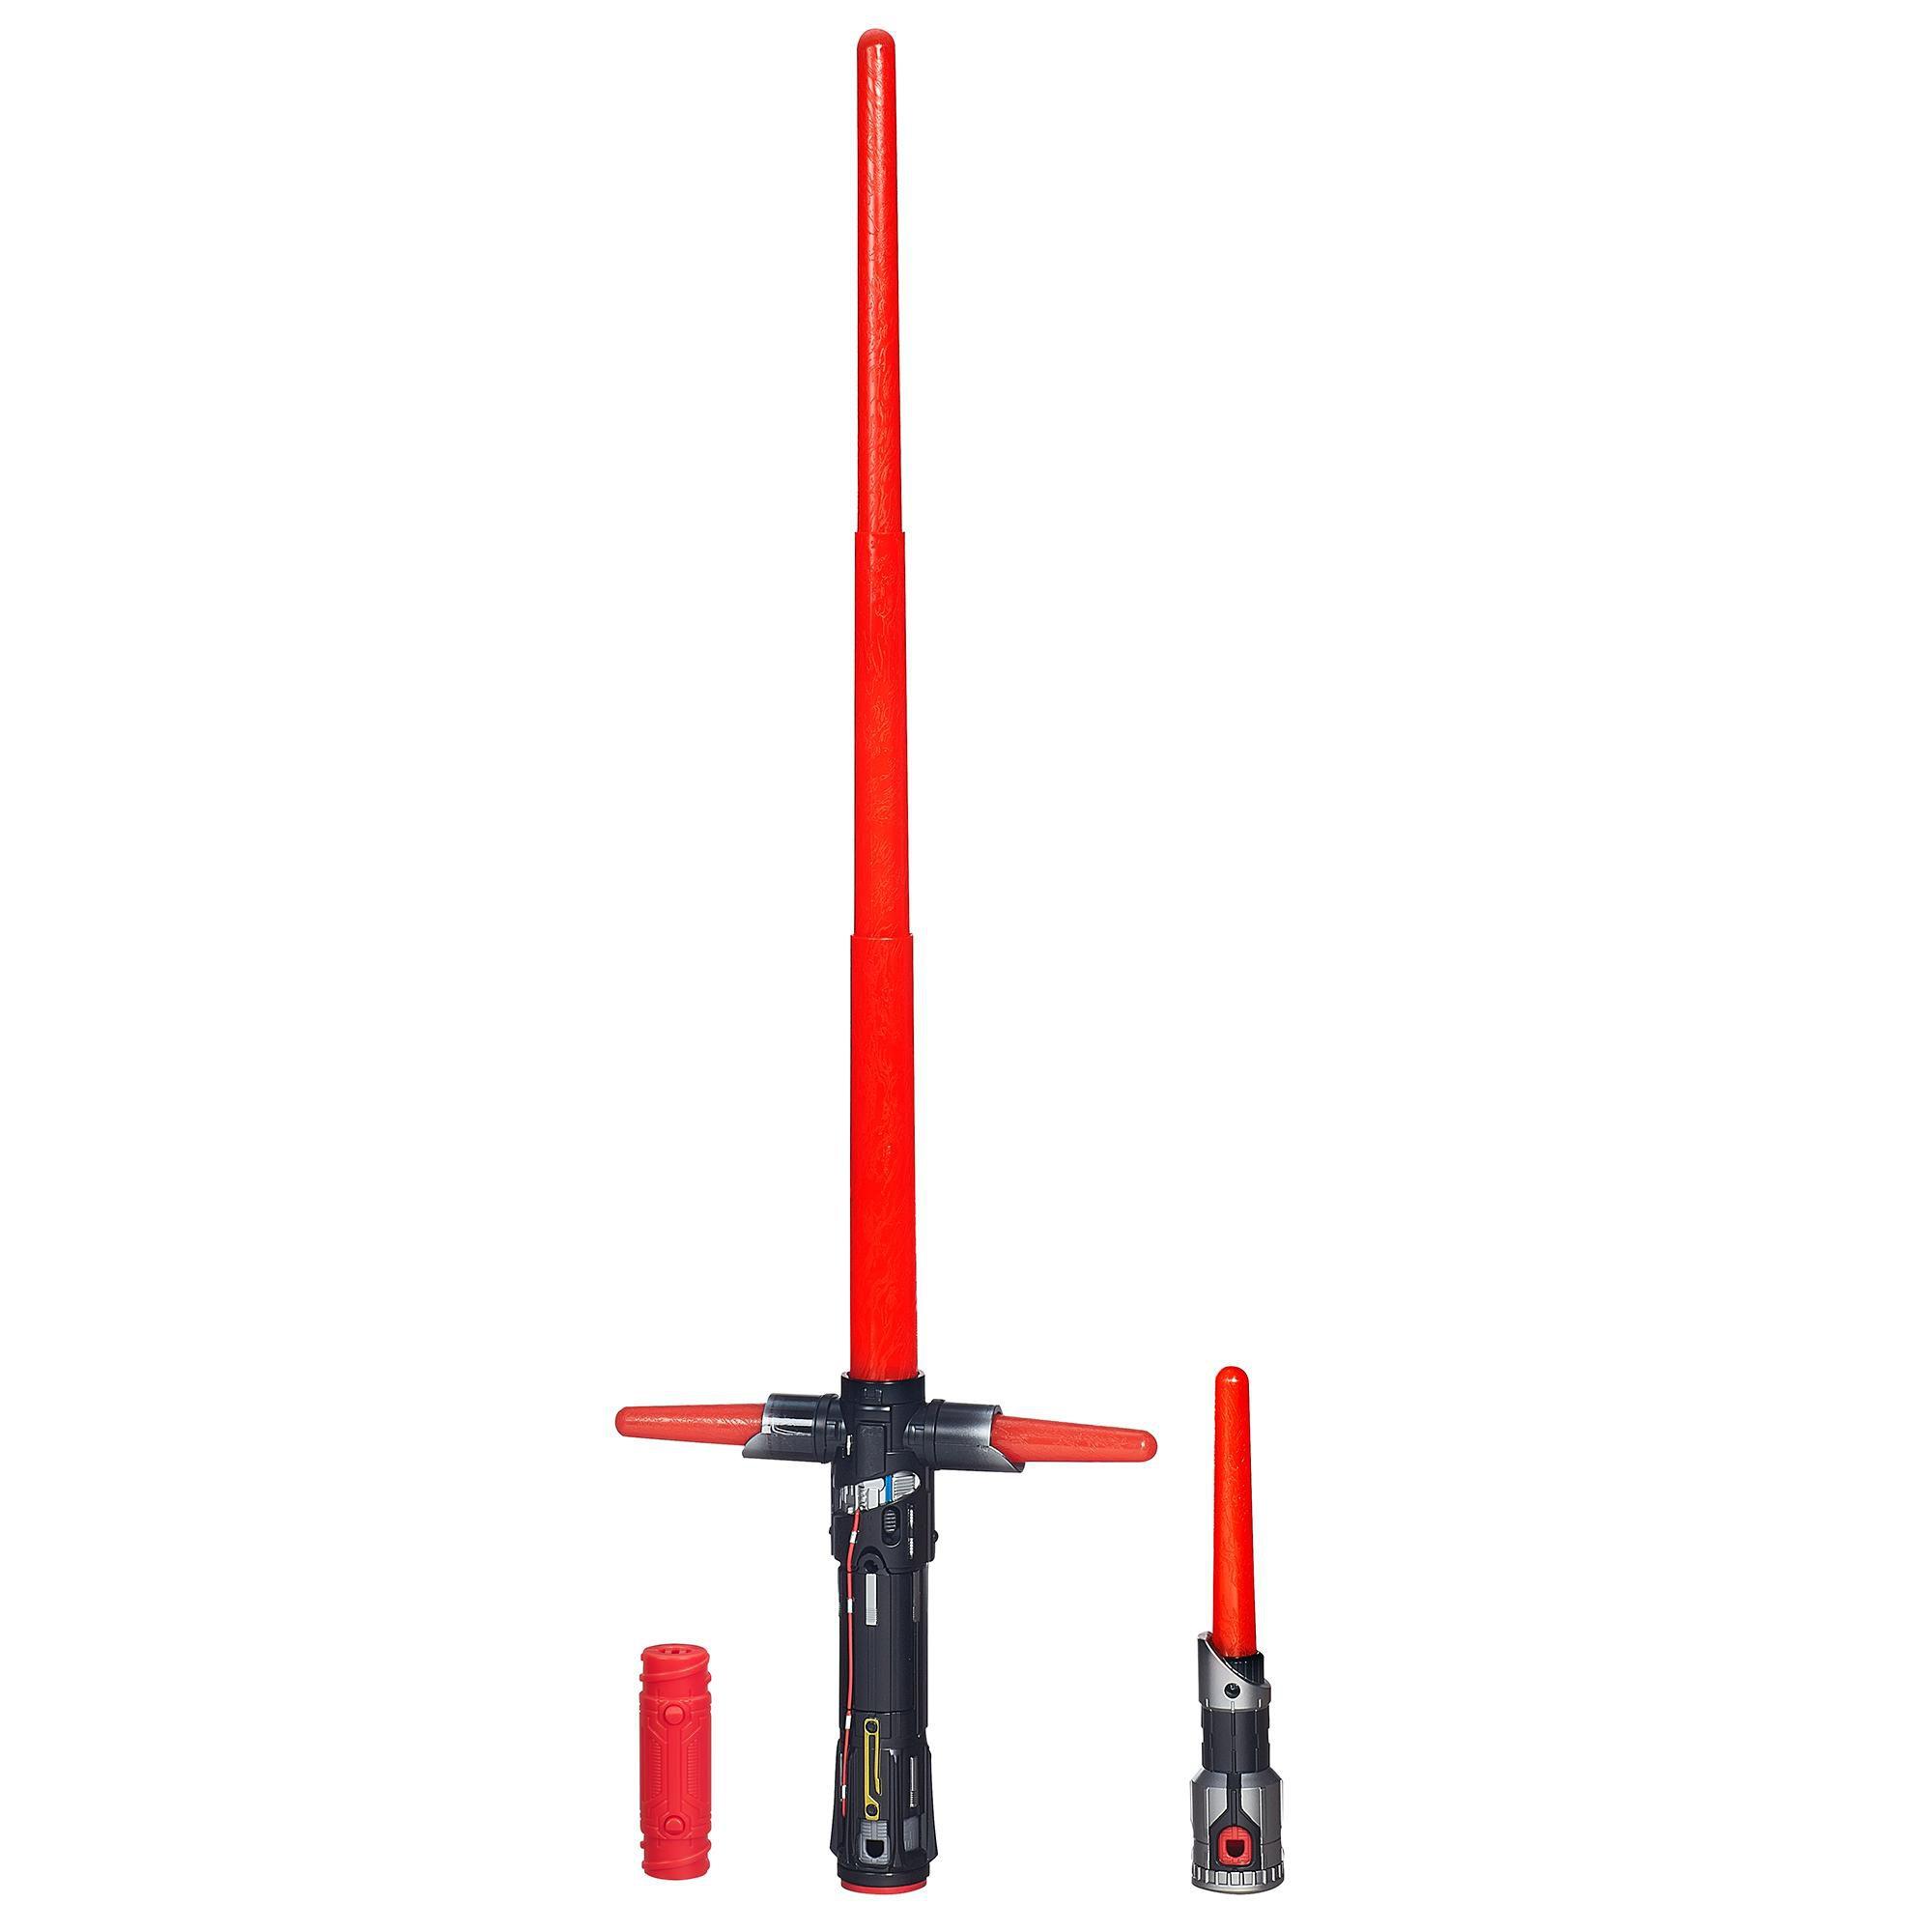 Star Wars O Despertar da Força Sabre de Luz Eletrônico Deluxe de Kylo Ren - Hasbro B2948